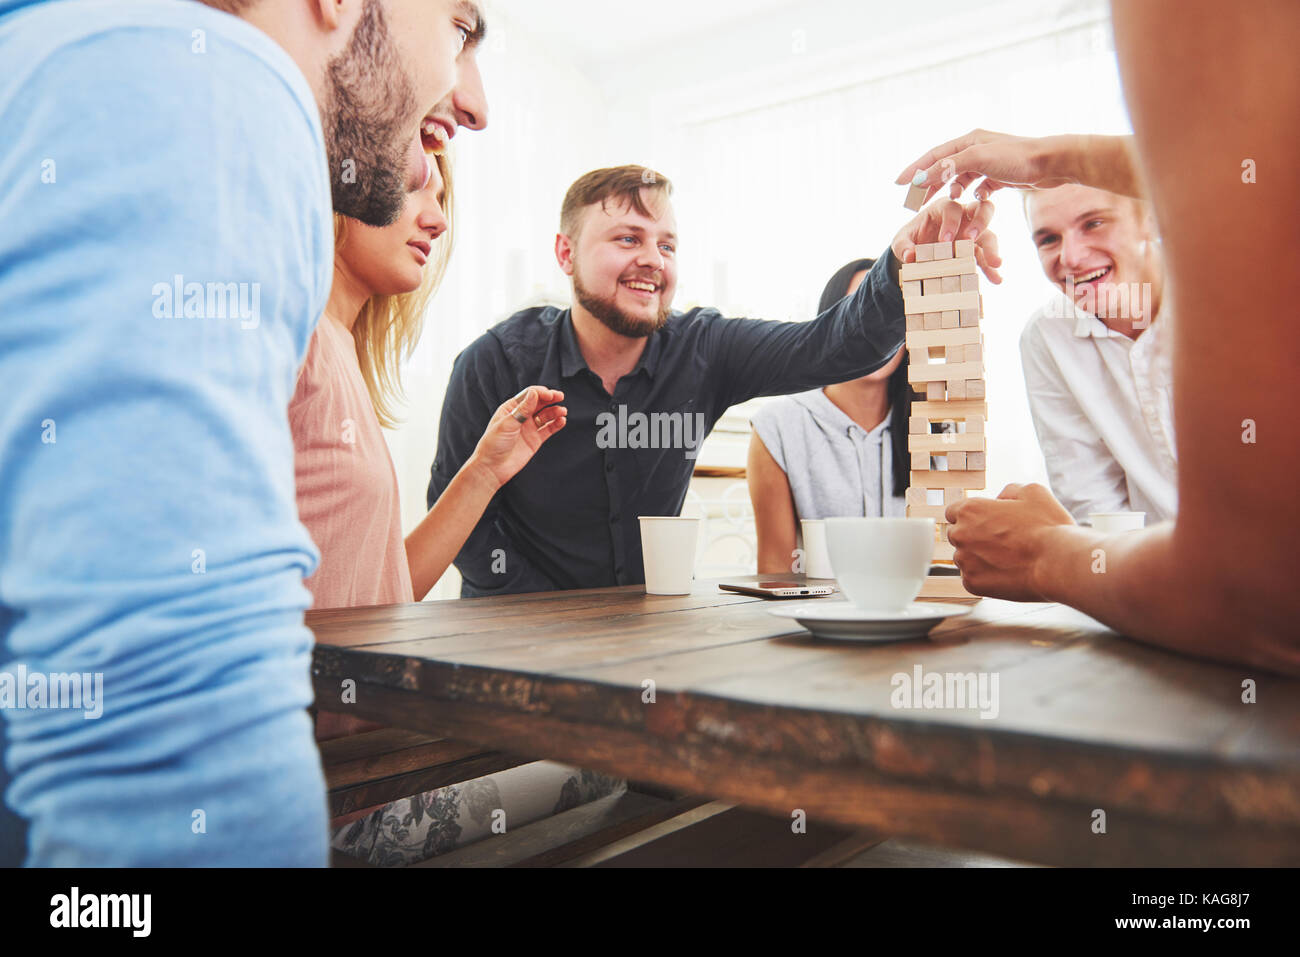 Grupo de amigos creativos sentados en la mesa de madera. La gente divirtiéndose mientras juega juegos de tablero Imagen De Stock